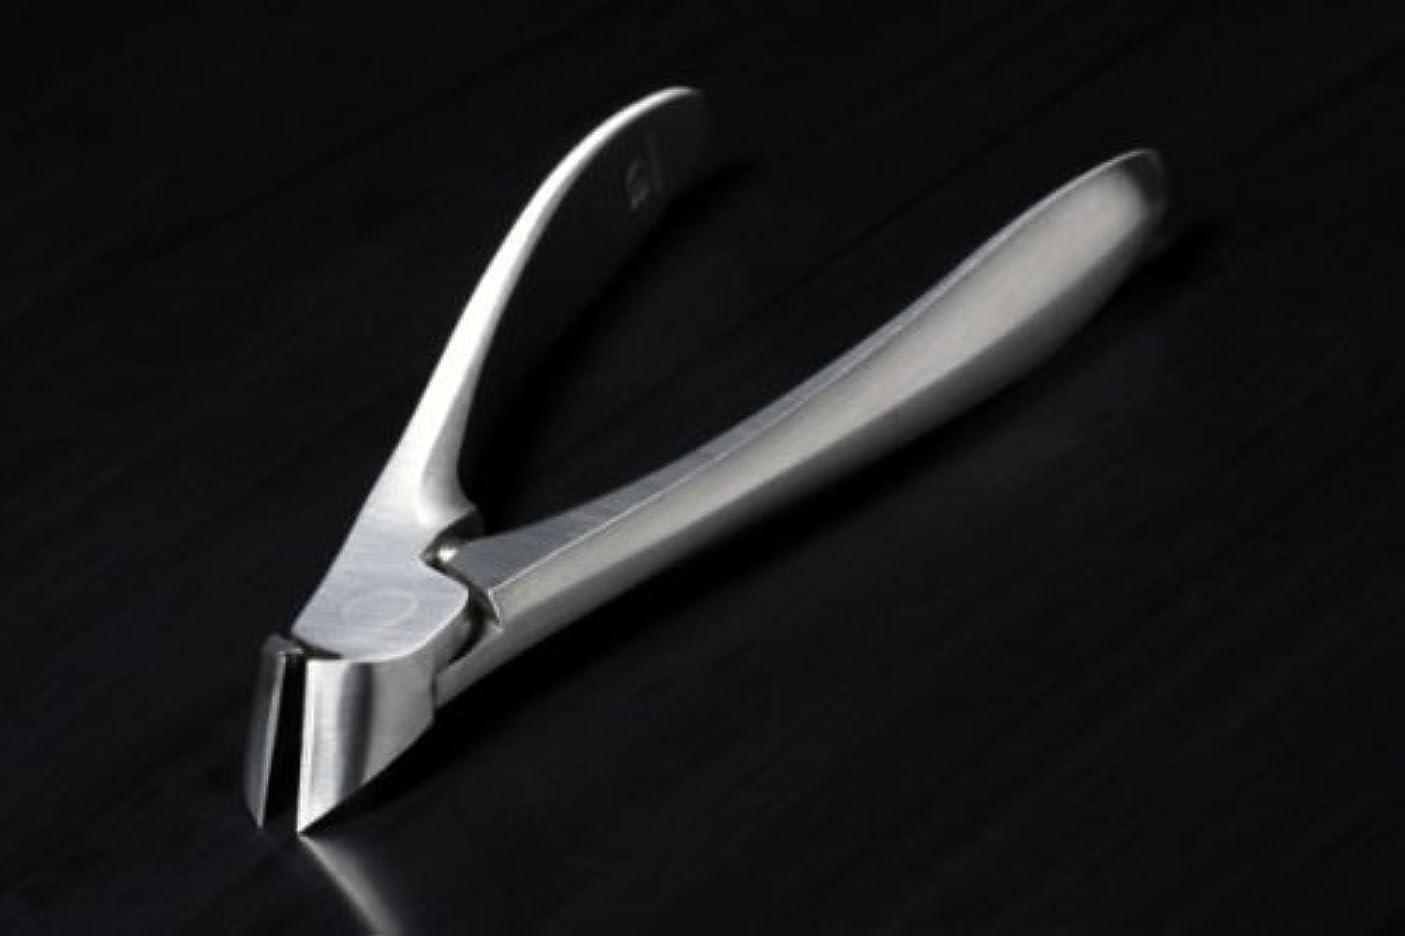 柱用心する痛みSUWADA (スワダ)爪切り クラシック 足用 (収納ケース付)